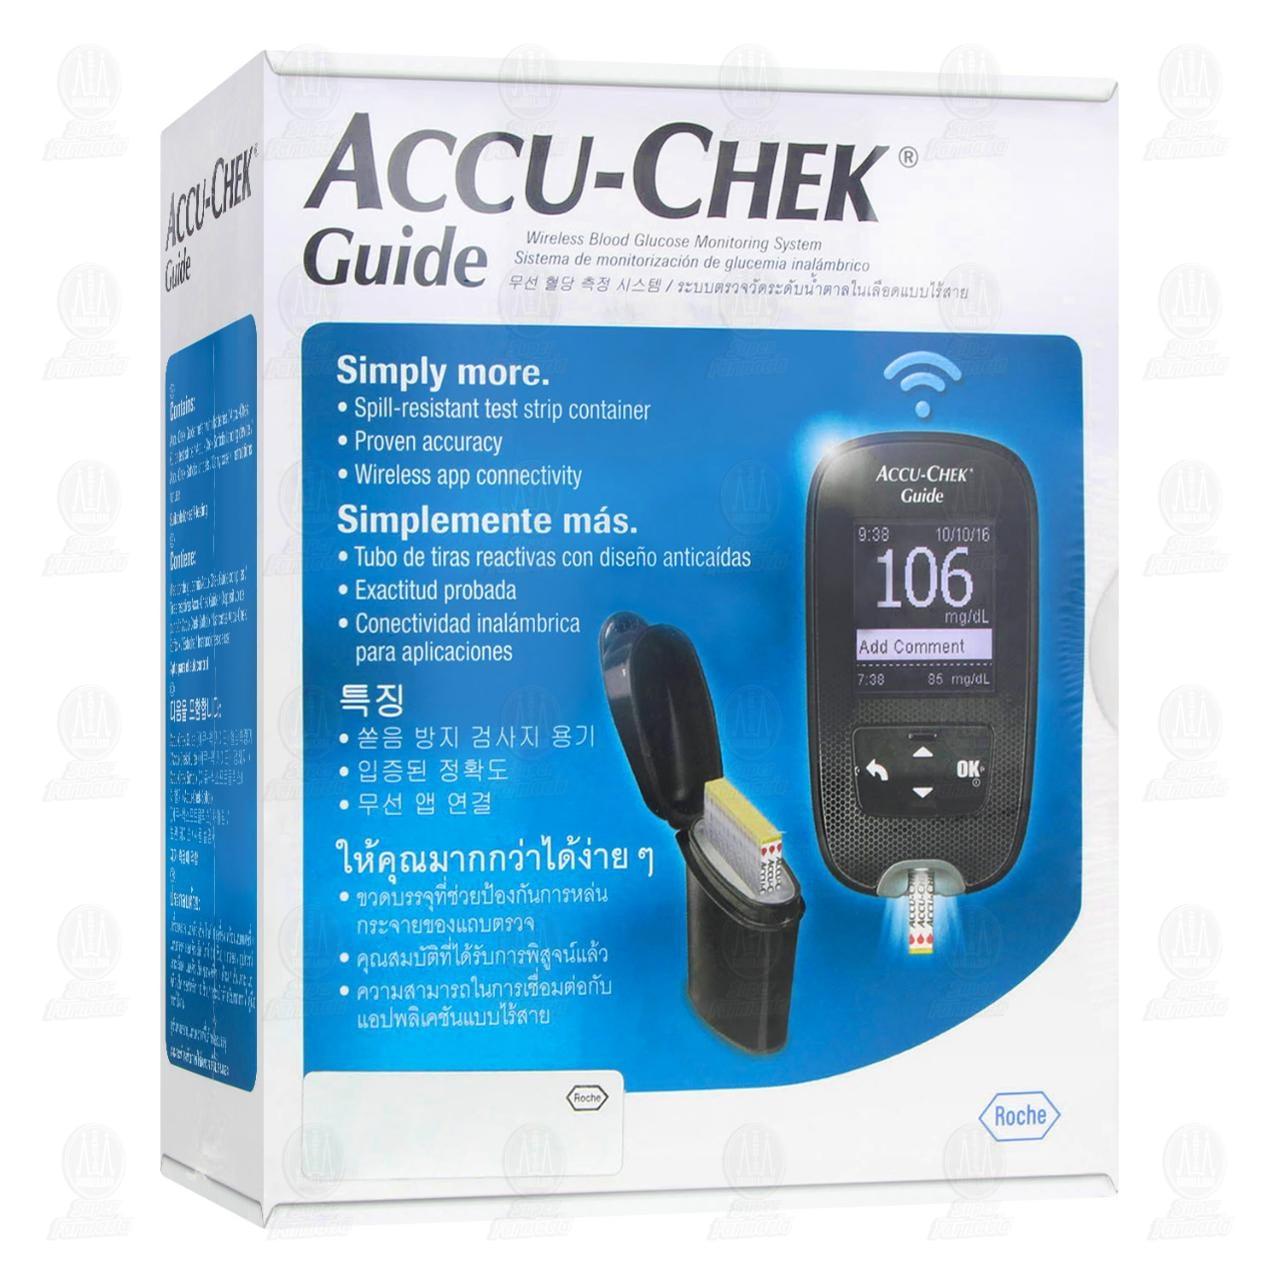 Comprar Accu-Chek Guide Kit para la Medición de Glucosa Inalámbrico 1pz en Farmacias Guadalajara